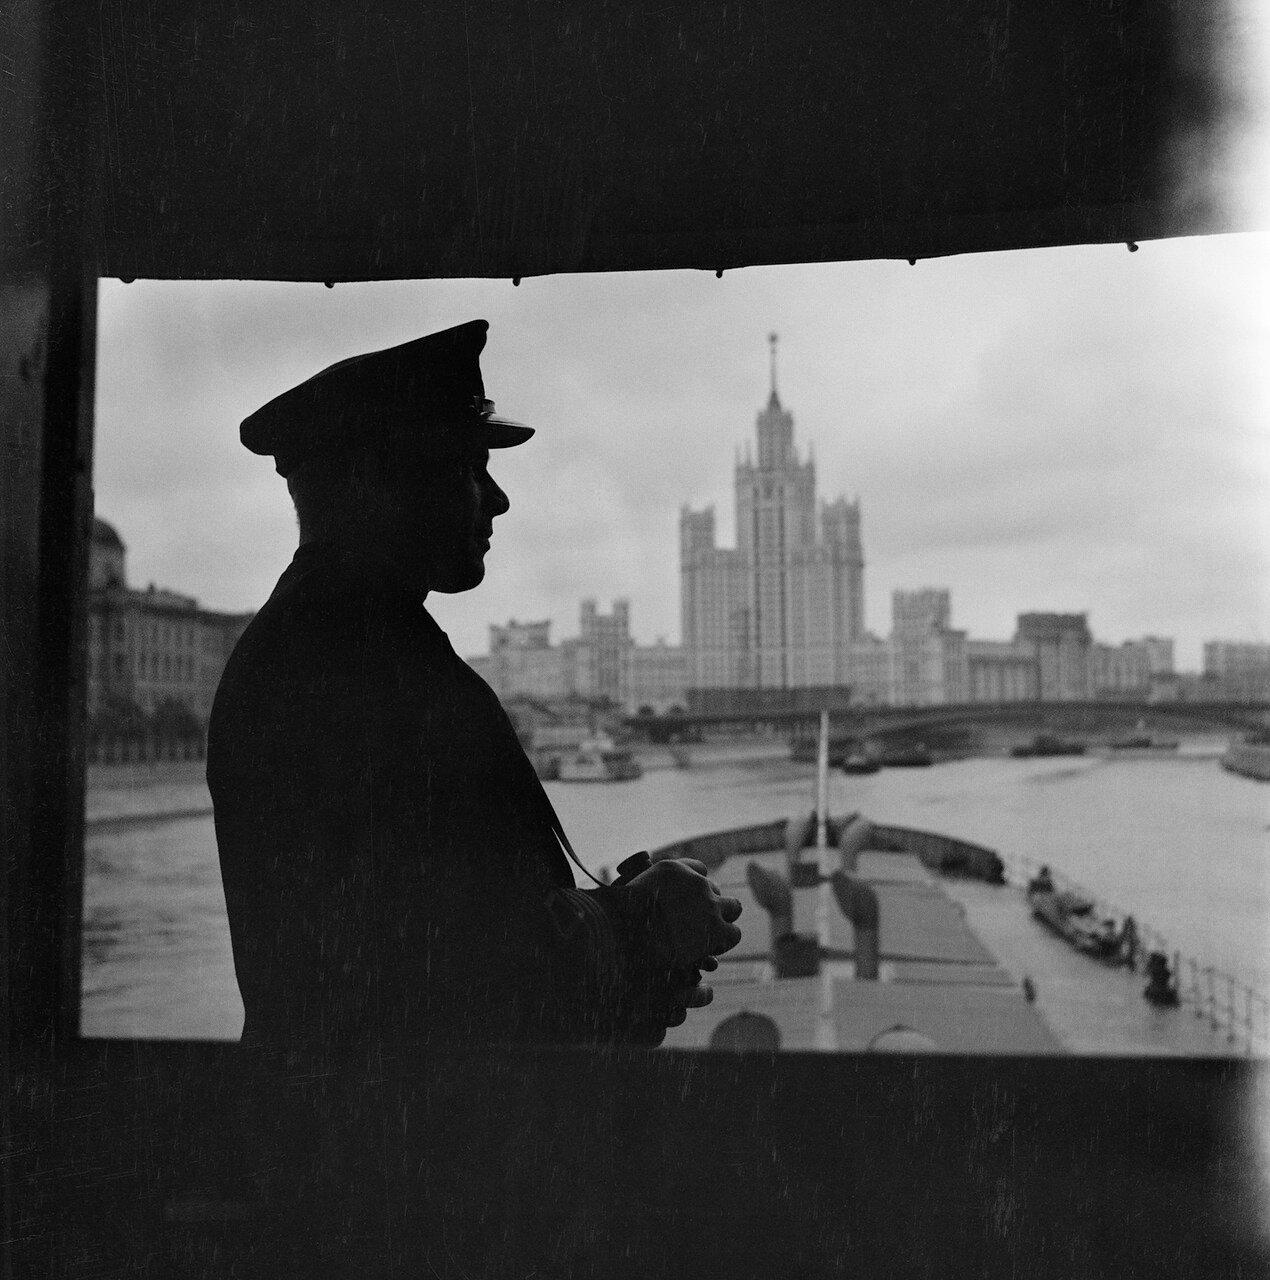 Капитан самоходного судна на фоне города